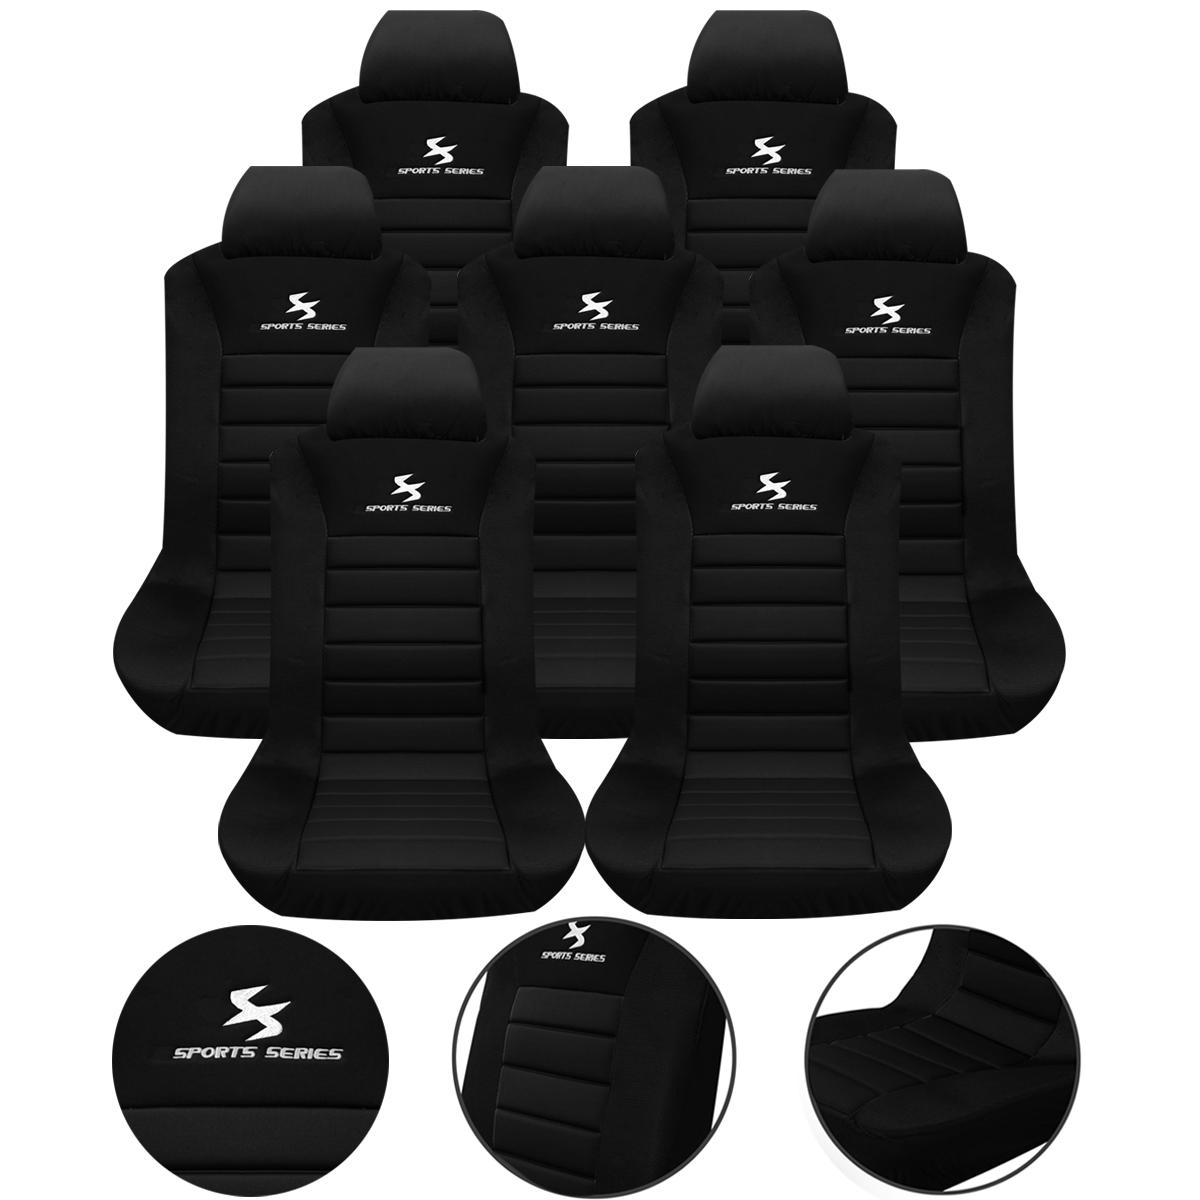 7 x auto sitzbez ge einzelbezug f r pkw van ohne seitenairbag schwarz as7254 ebay. Black Bedroom Furniture Sets. Home Design Ideas